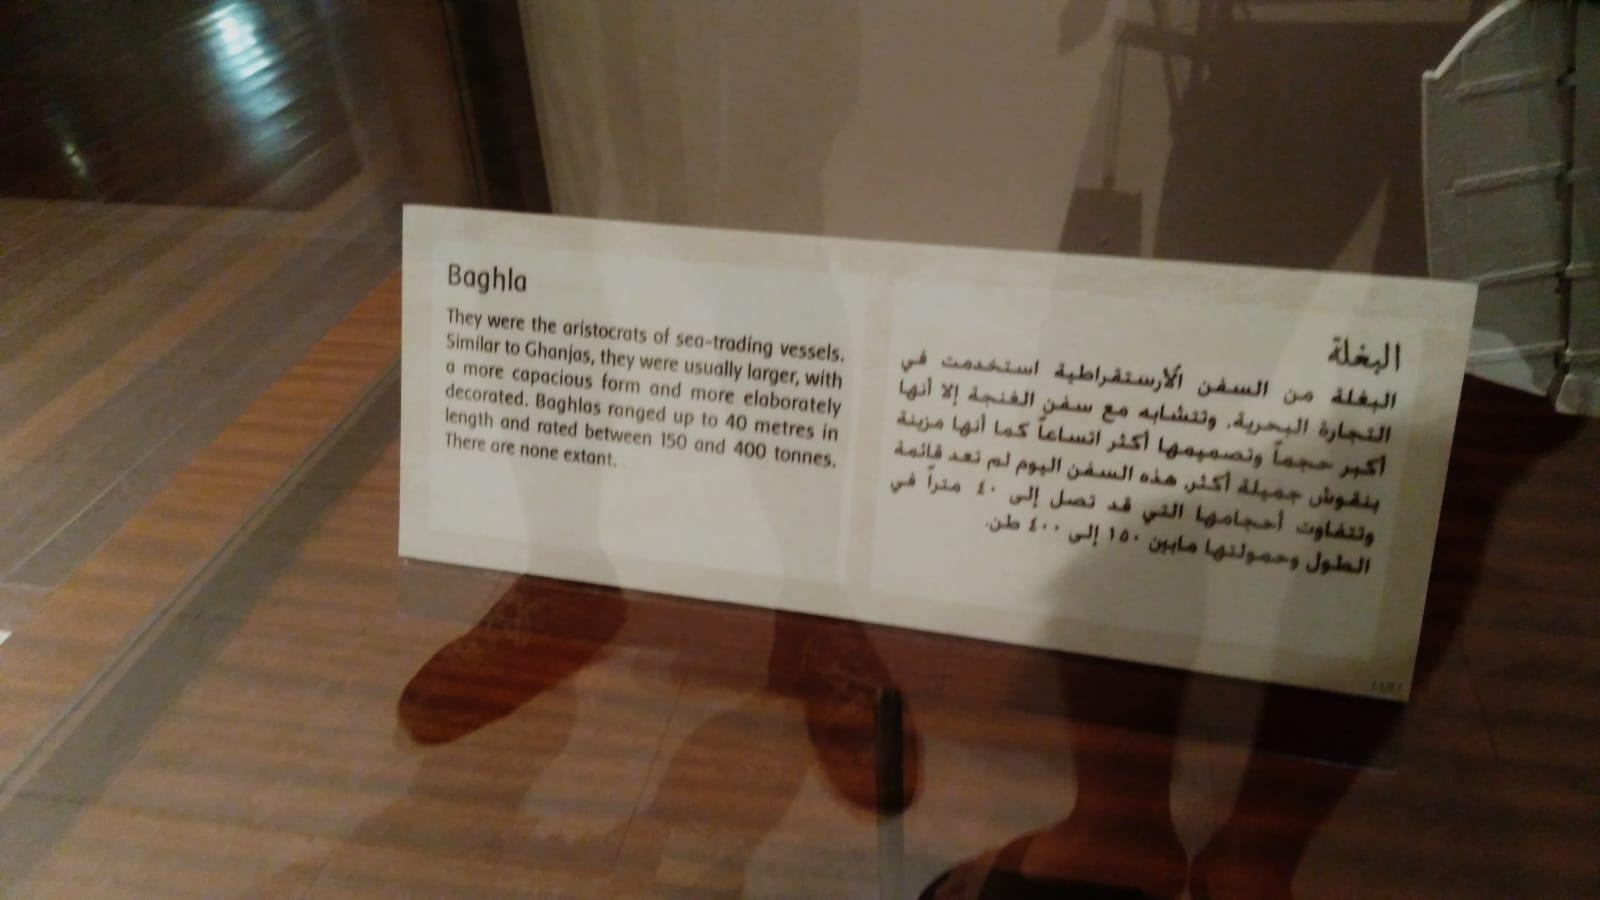 Baghla info.jpg